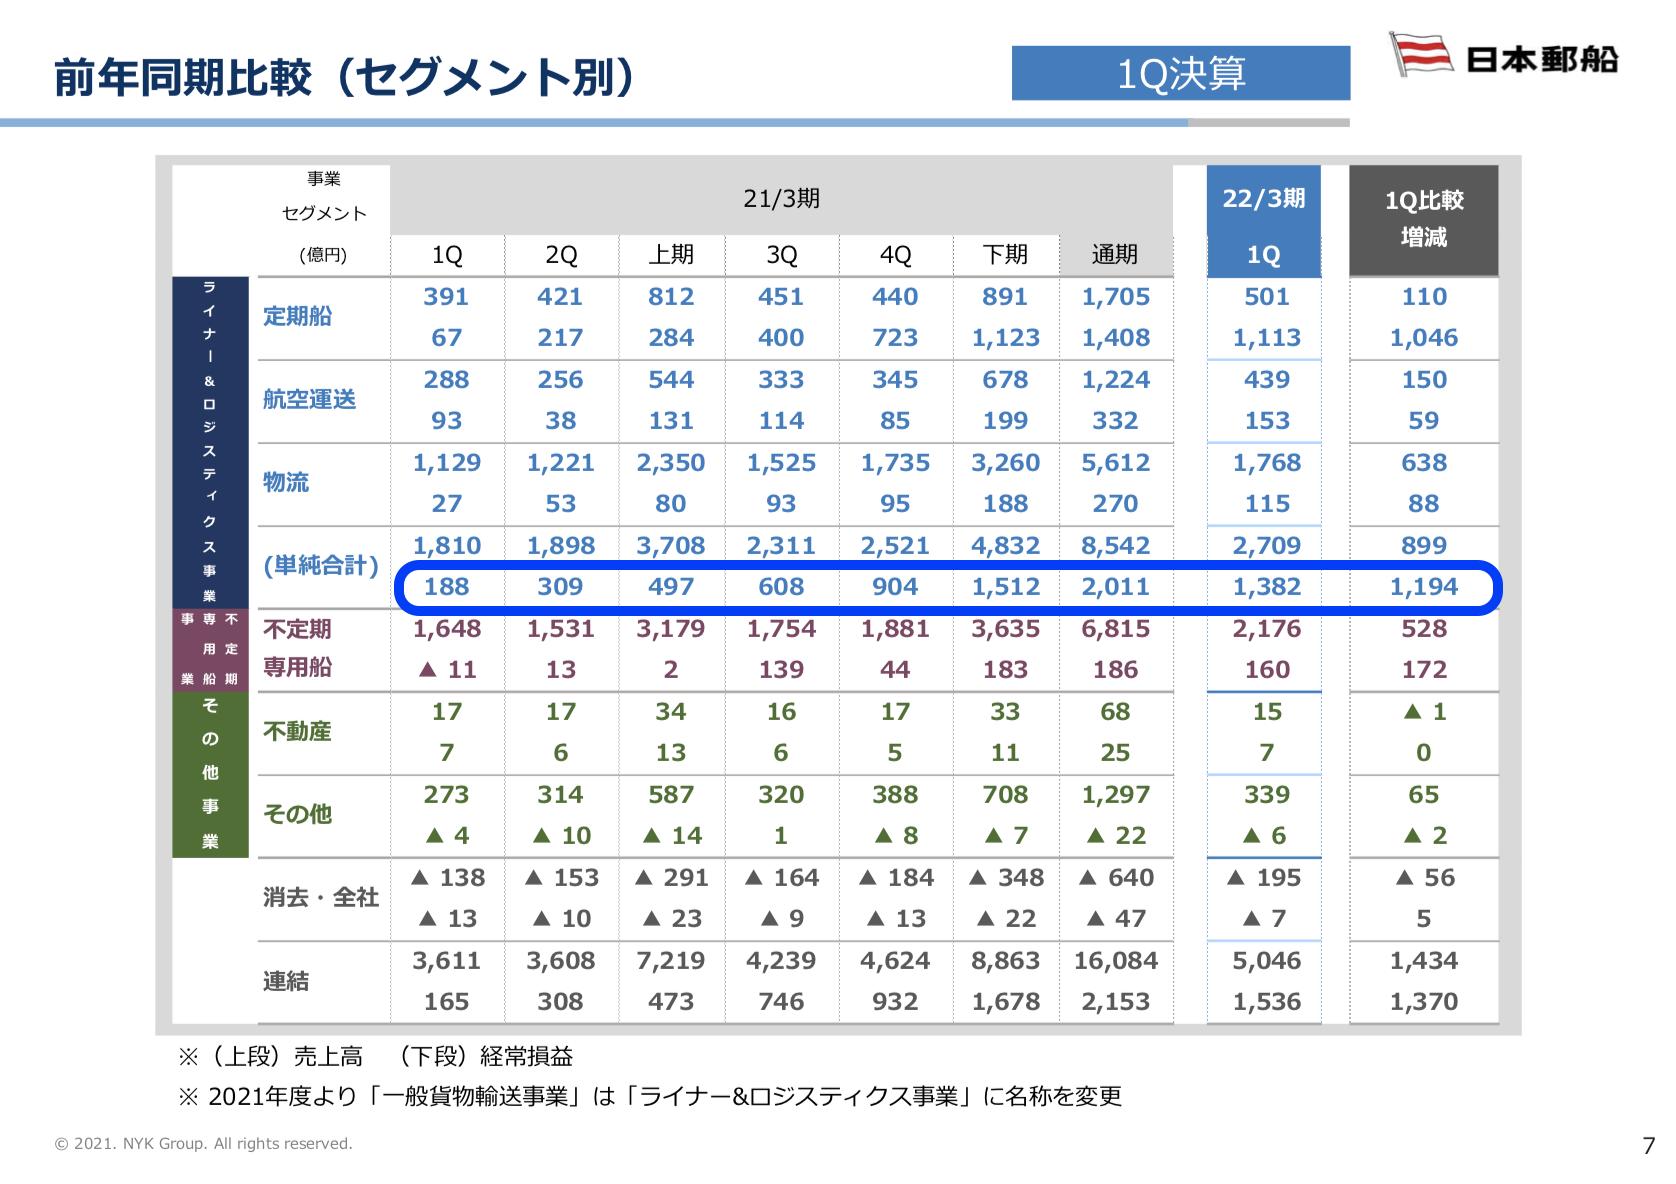 日本郵船 2021年度1Q決算を徹底解説! さとり世代の株日記 資産運用 株 投資 資産形成